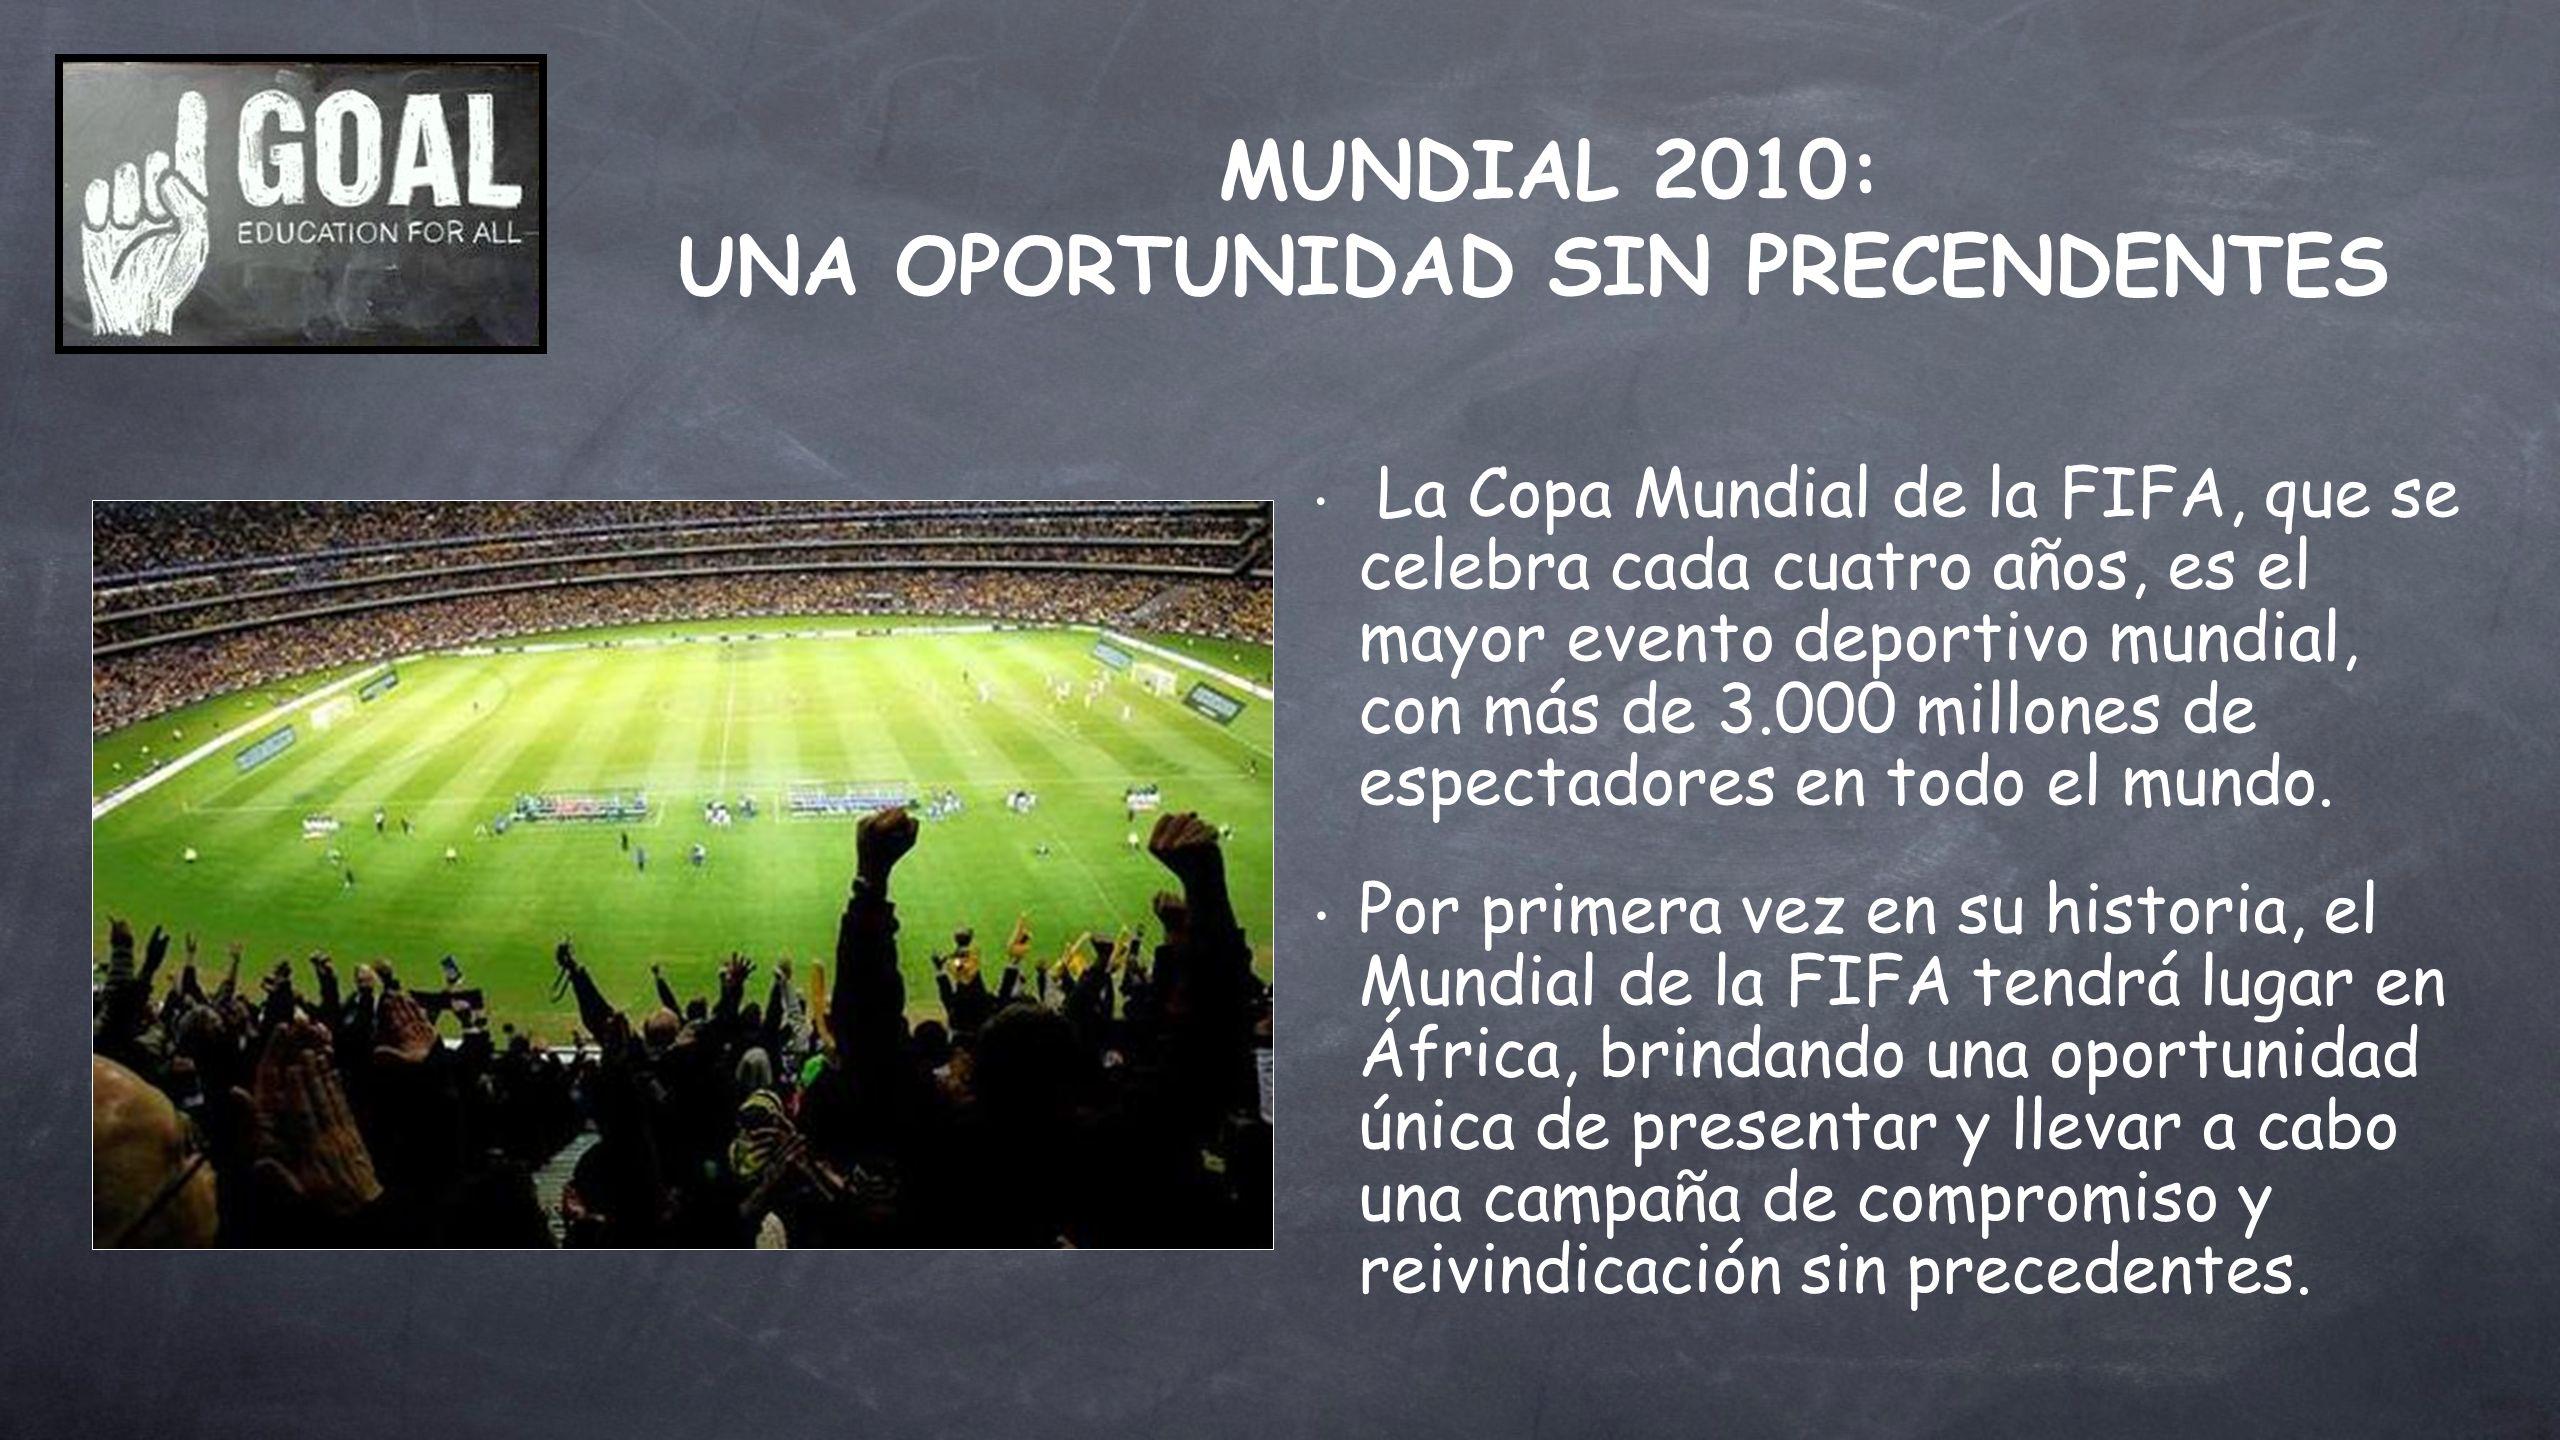 MUNDIAL 2010: UNA OPORTUNIDAD SIN PRECENDENTES La Copa Mundial de la FIFA, que se celebra cada cuatro años, es el mayor evento deportivo mundial, con